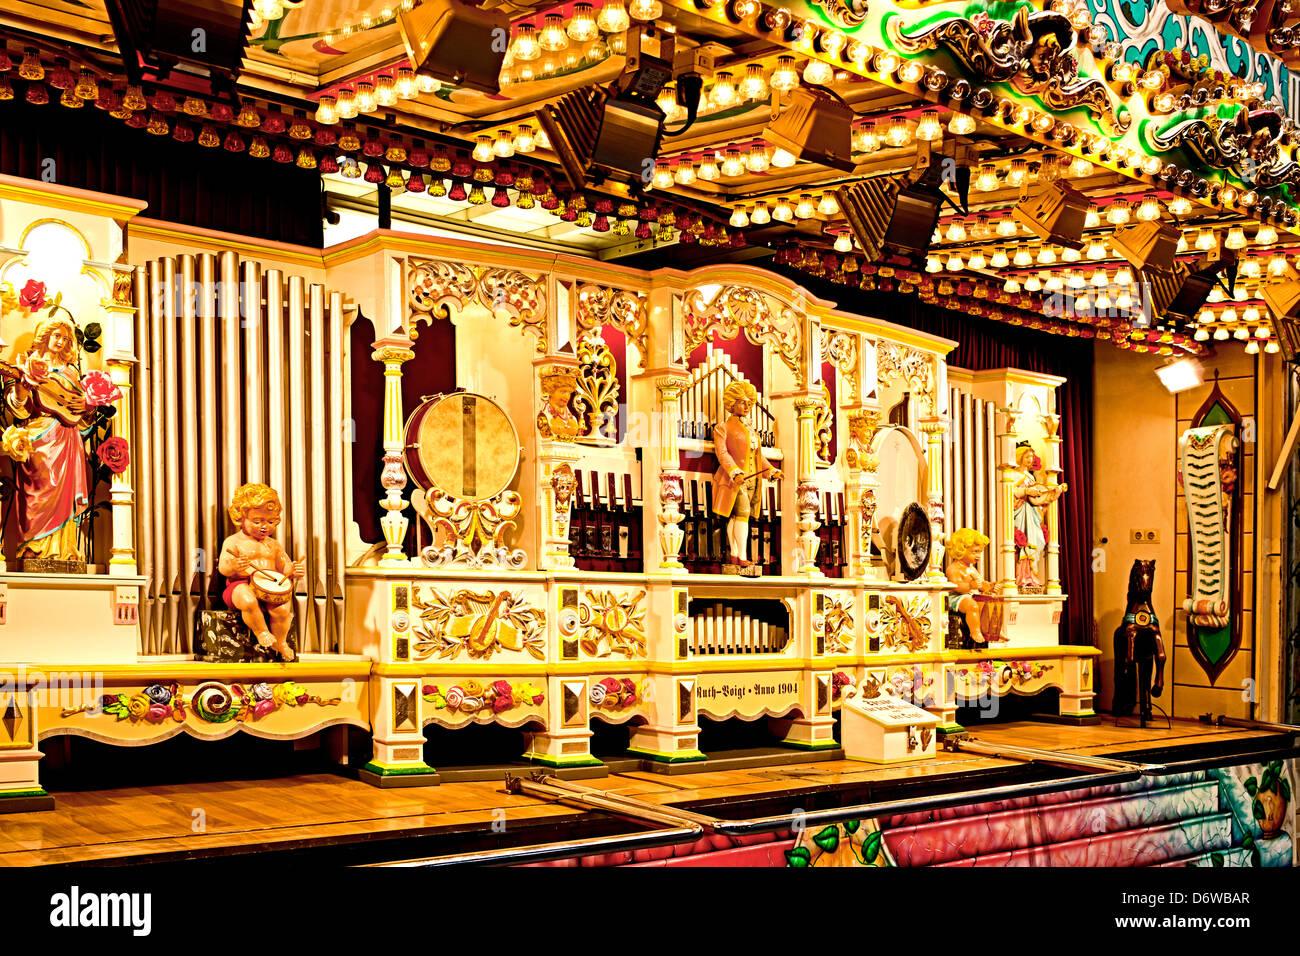 Orgel auf dem historischen Jahrmarkt in Deutschland Stockbild